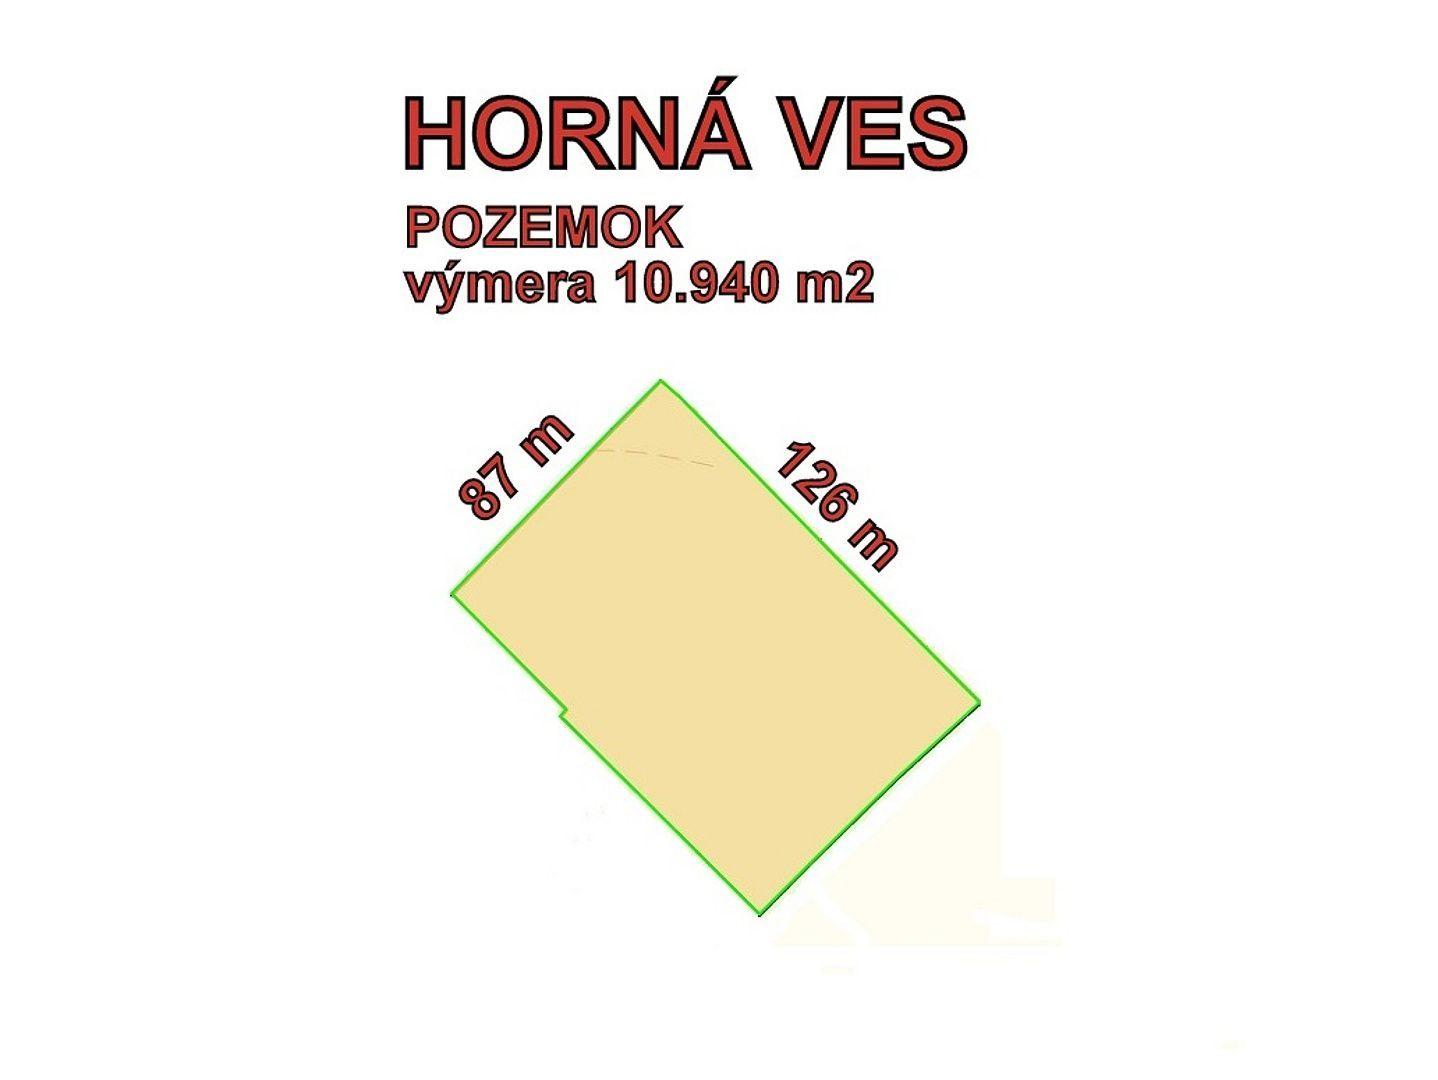 27237aaf0 HORNÁ VES stavebný pozemok- Zóna ľahkého priemyslu a komercie ...